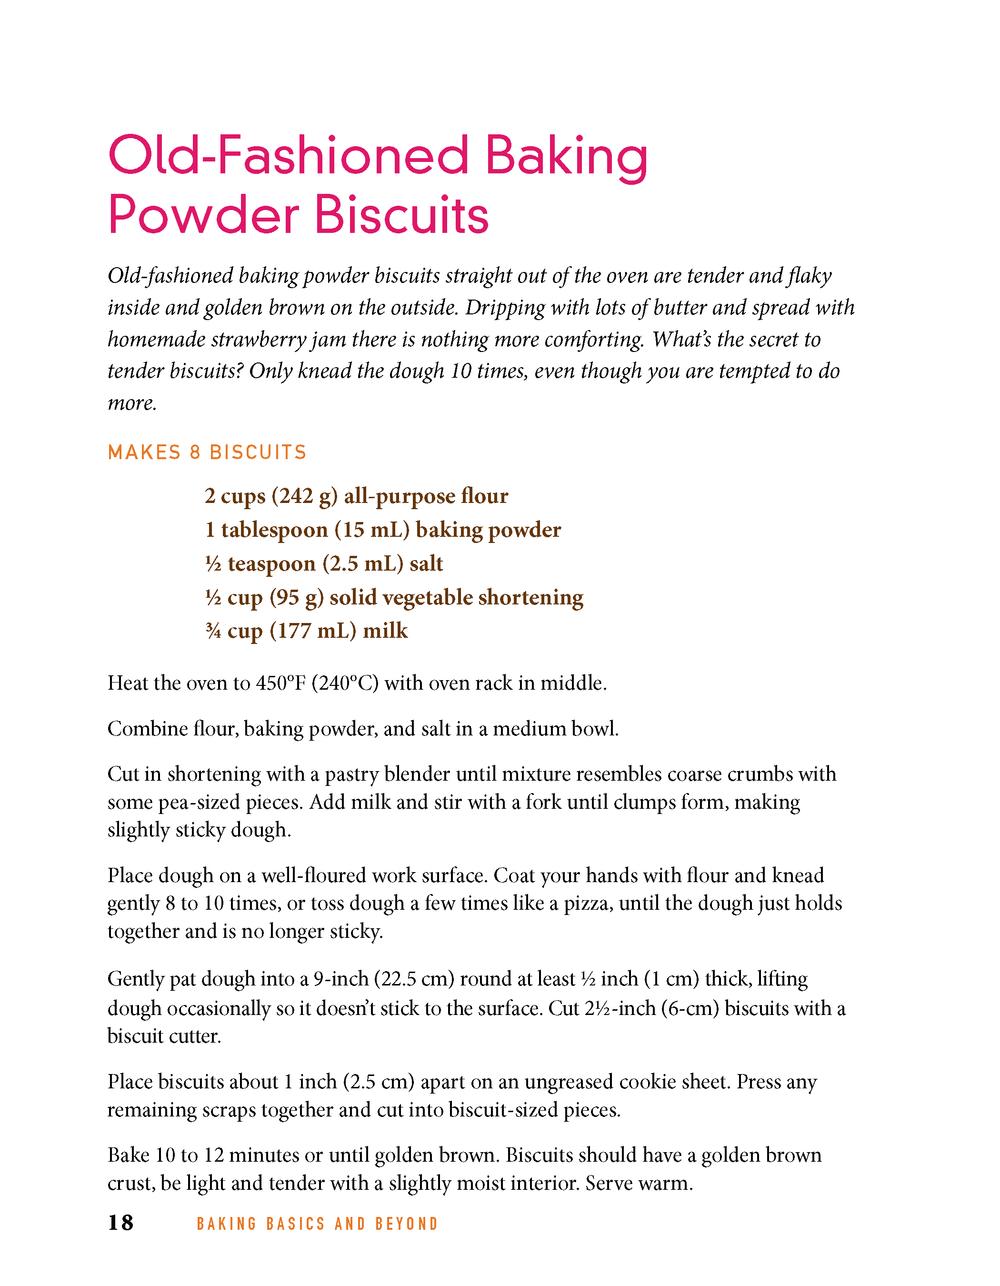 Baking Basics_Page_05.png